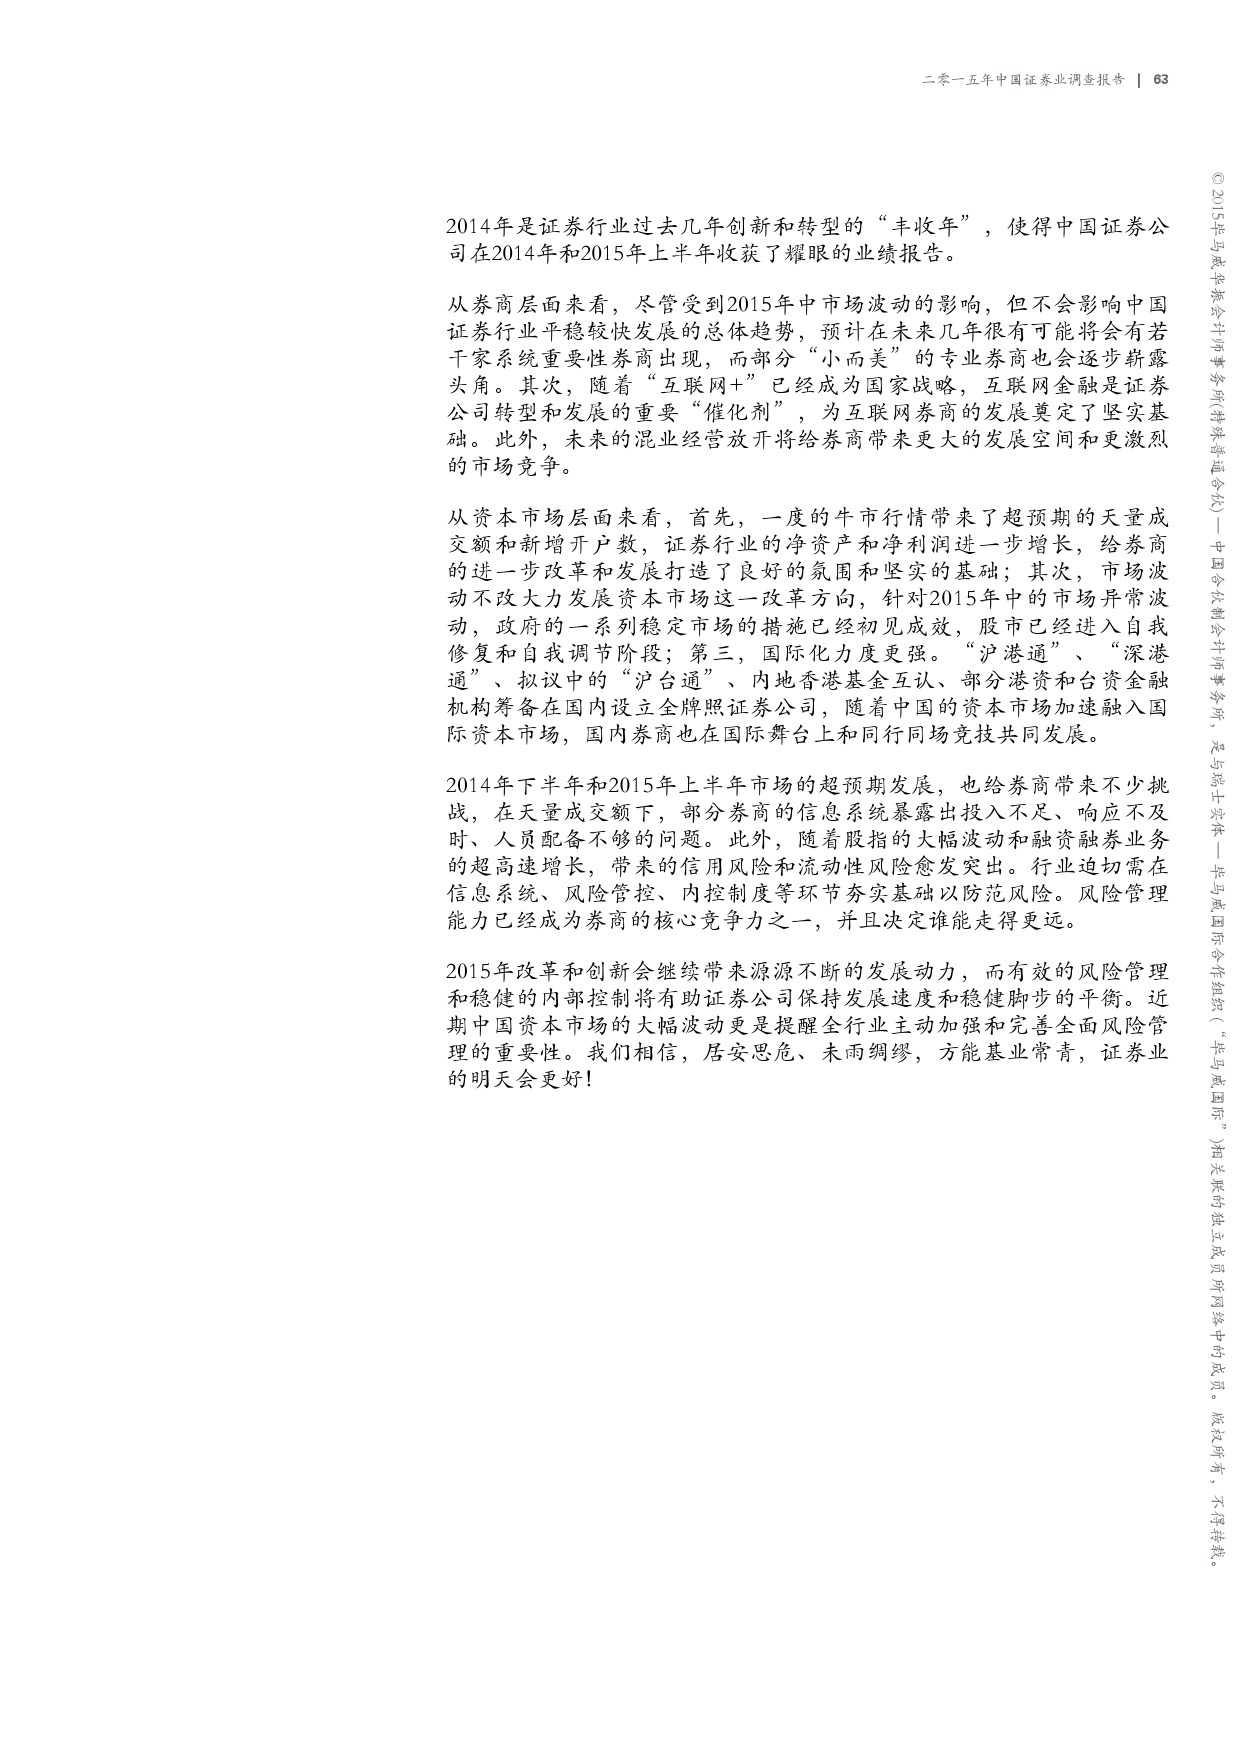 毕马威:2015年中国证券业调查报告_000065